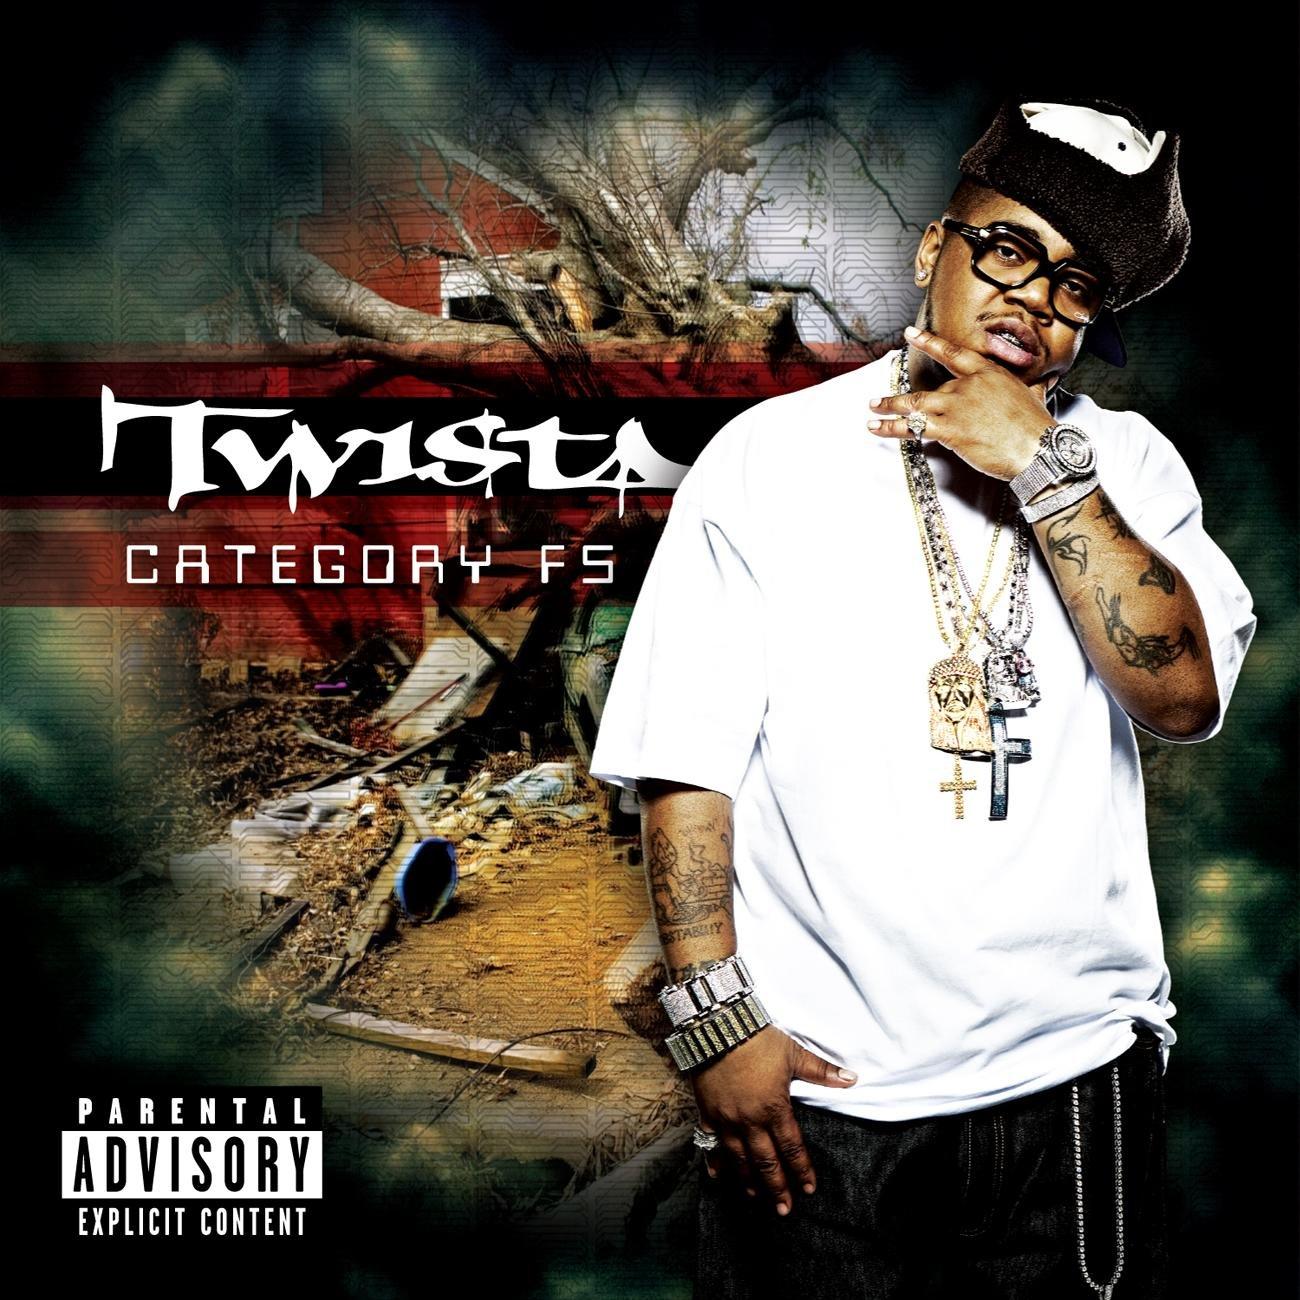 Twista, Category F5